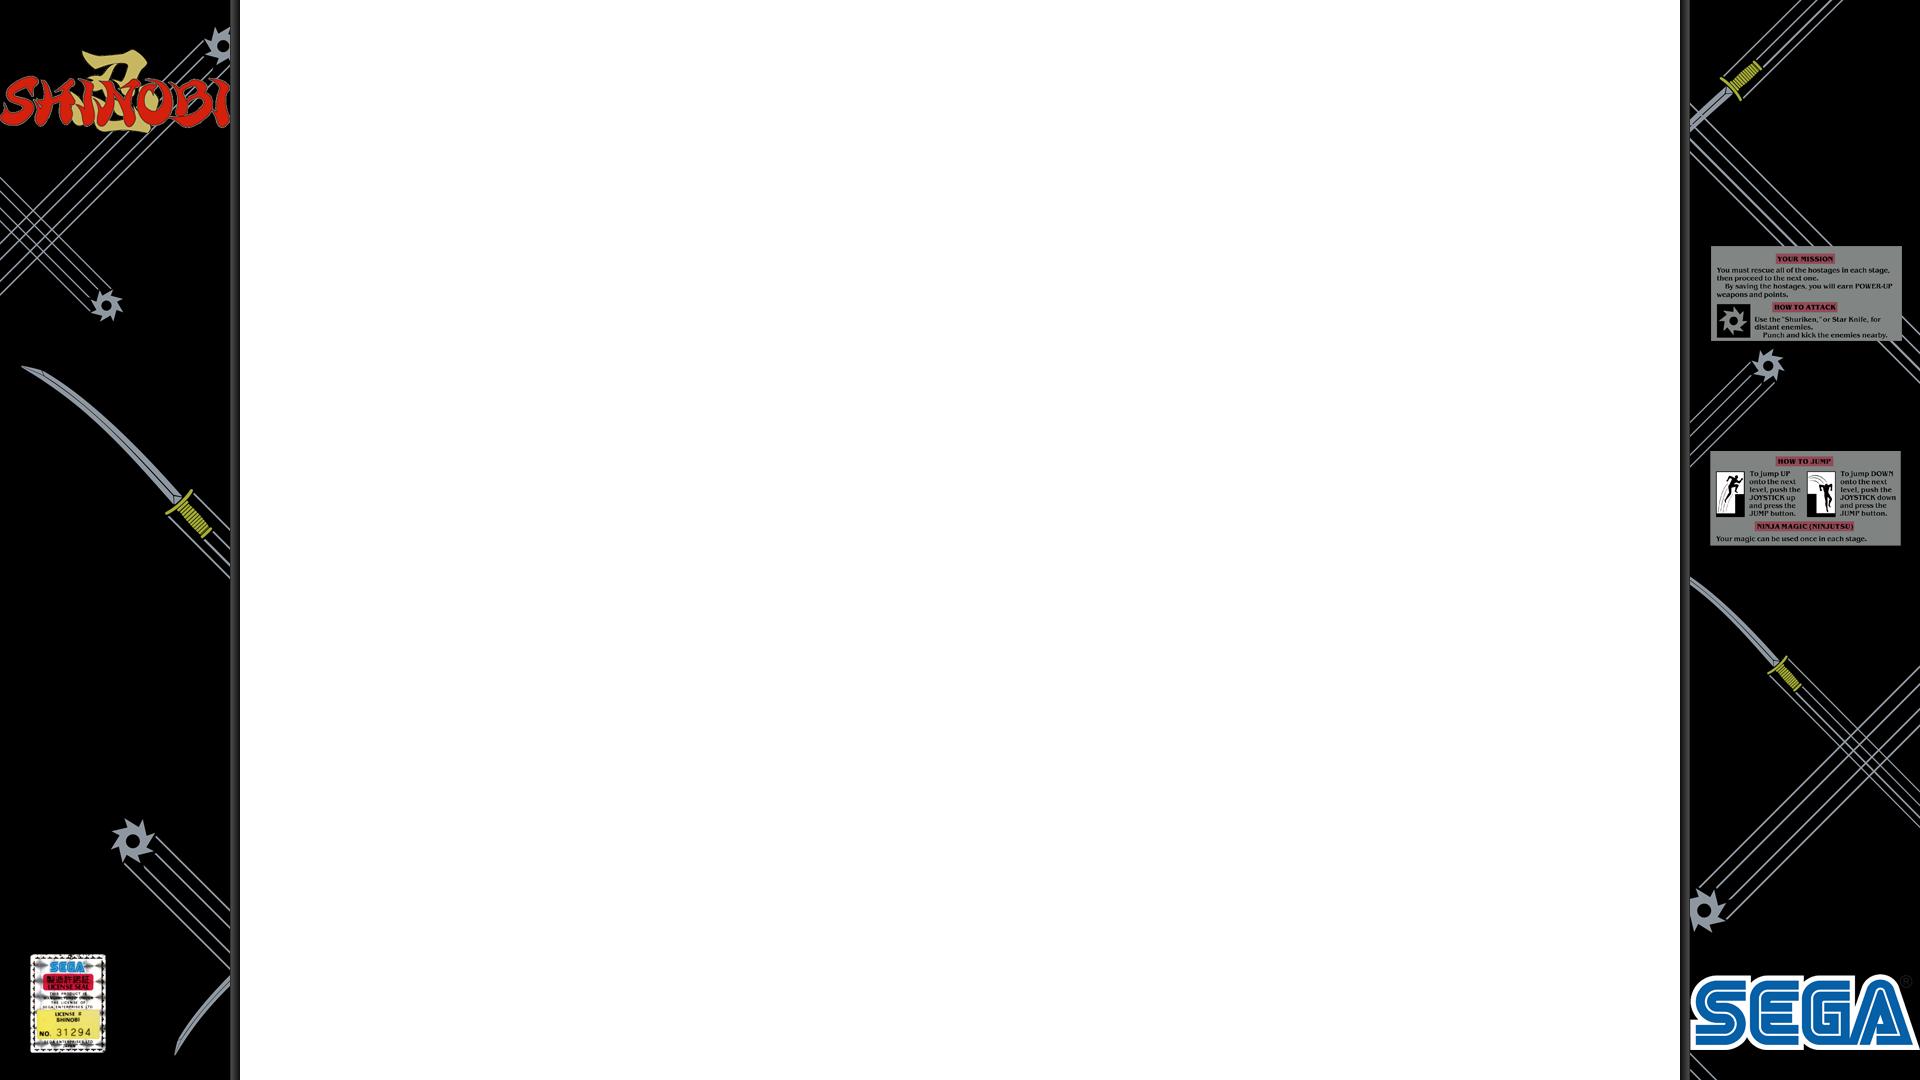 Shinobi 1080p overlay